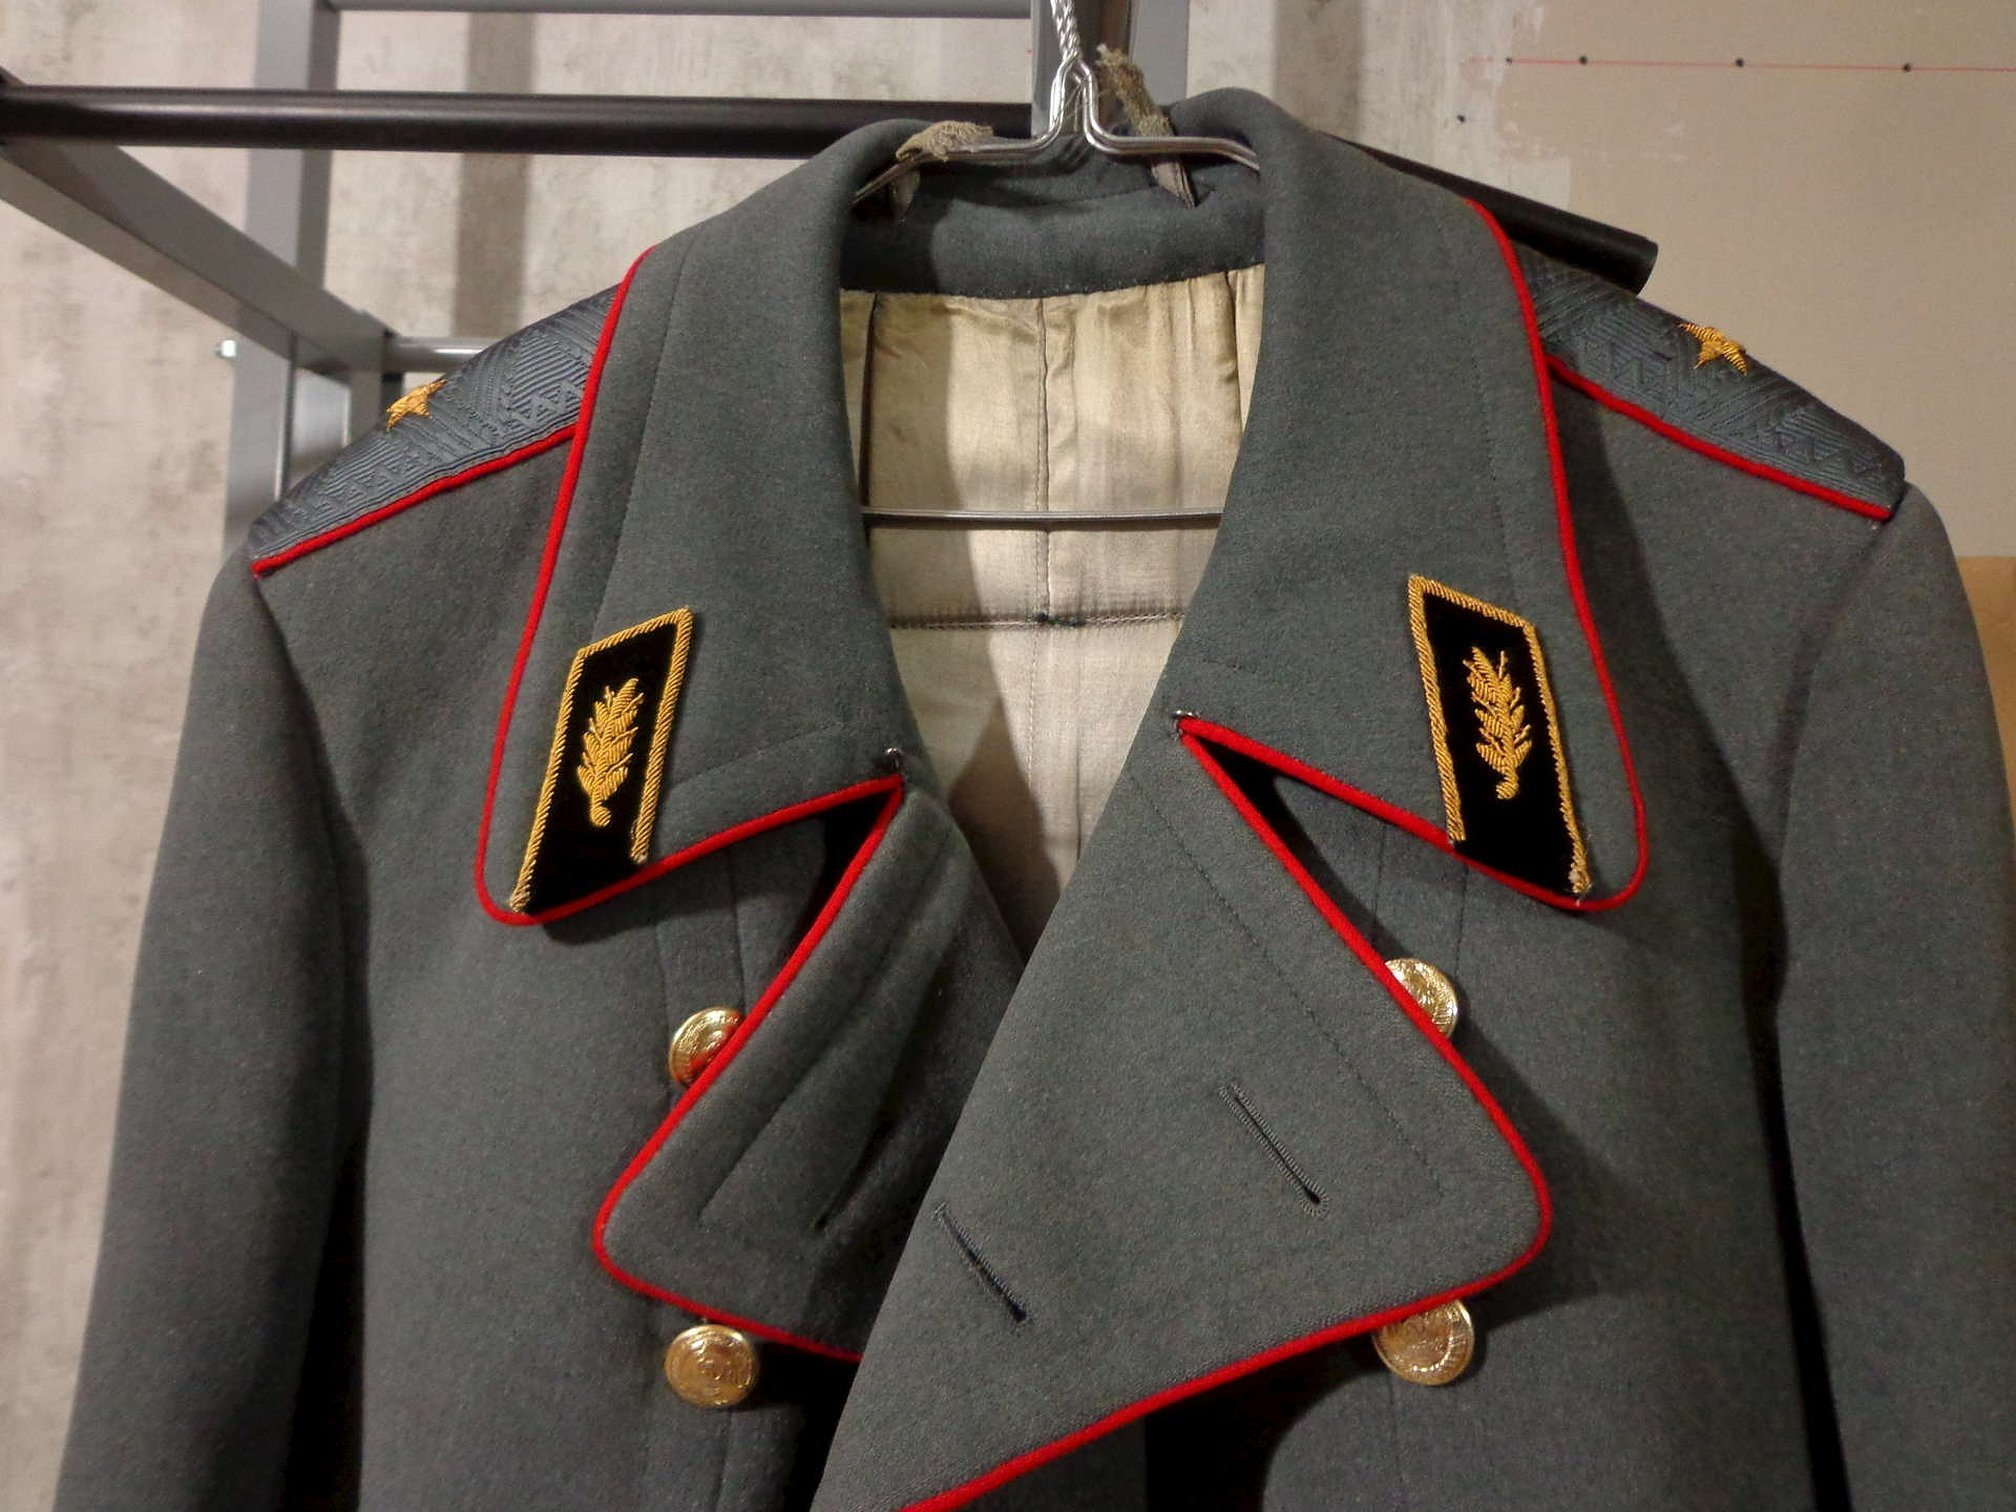 Шинель генеральская советской армии